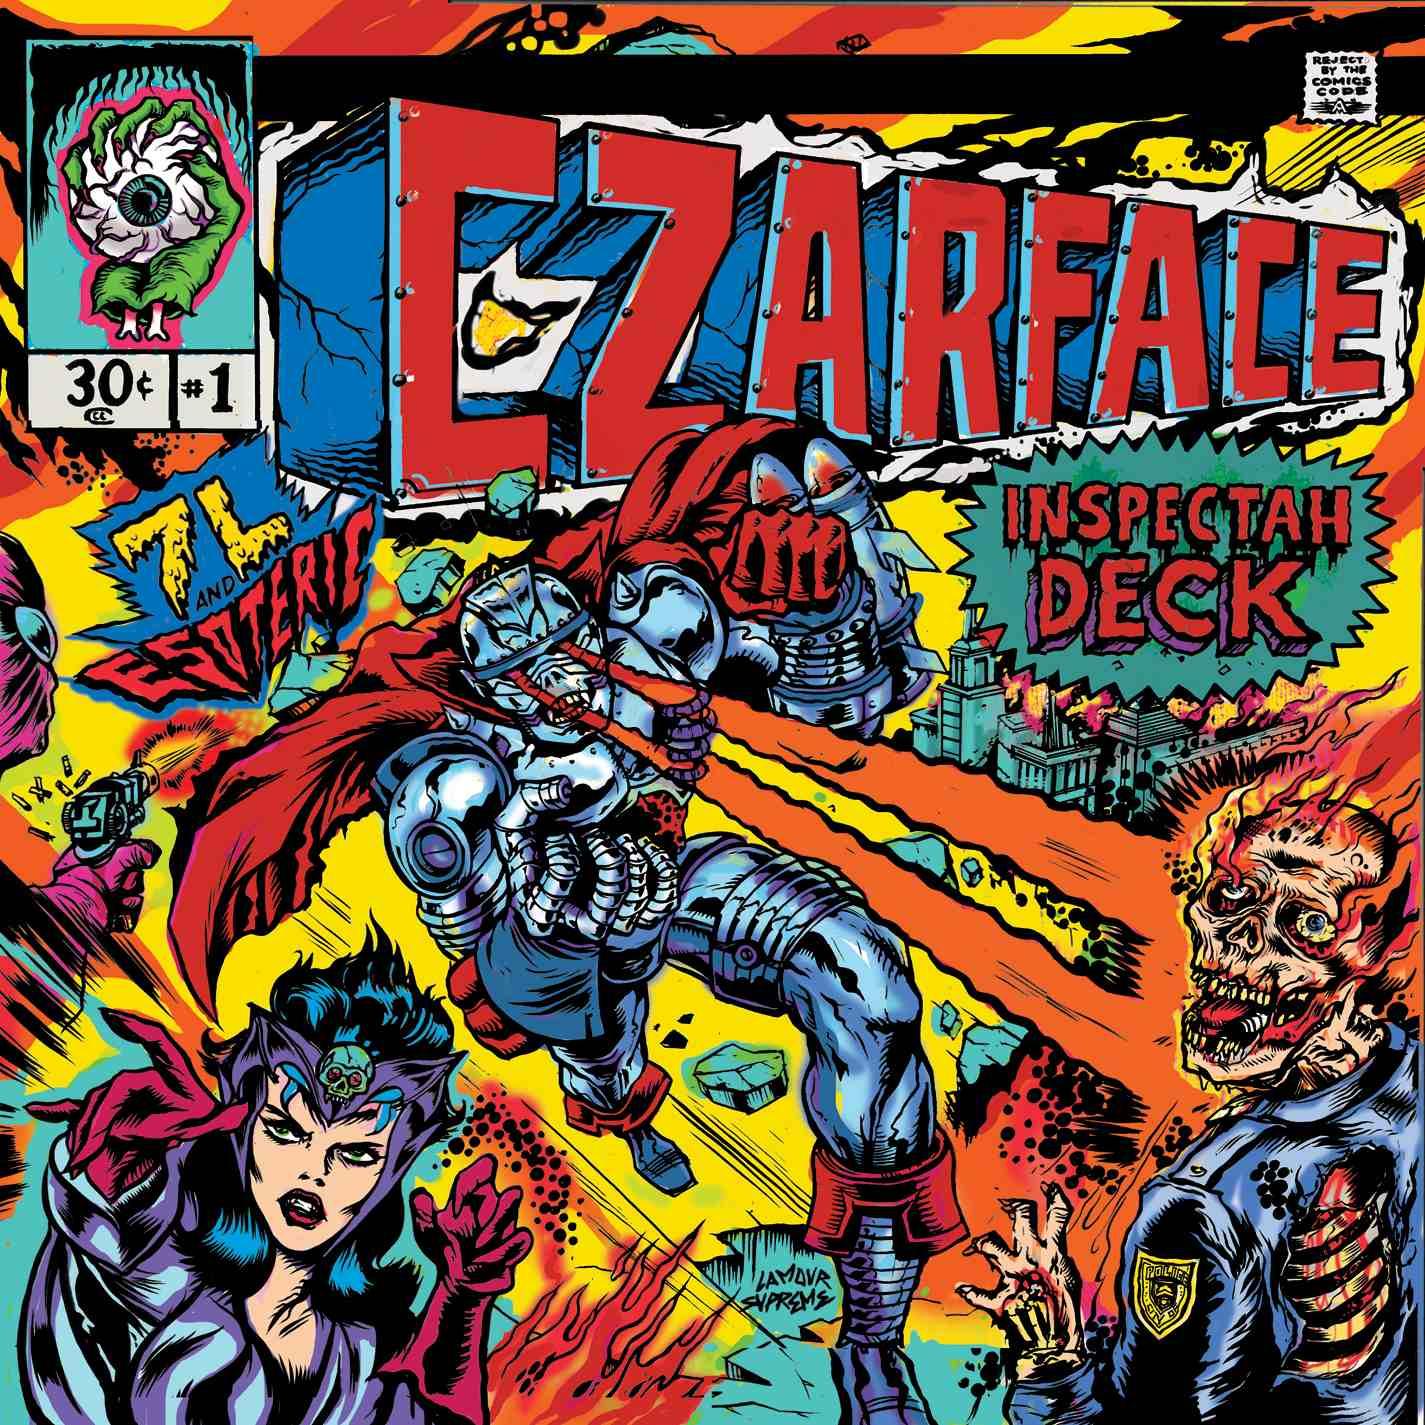 CZARFACE (Inspectah Deck, 7L & Esoteric) - CZARFACE